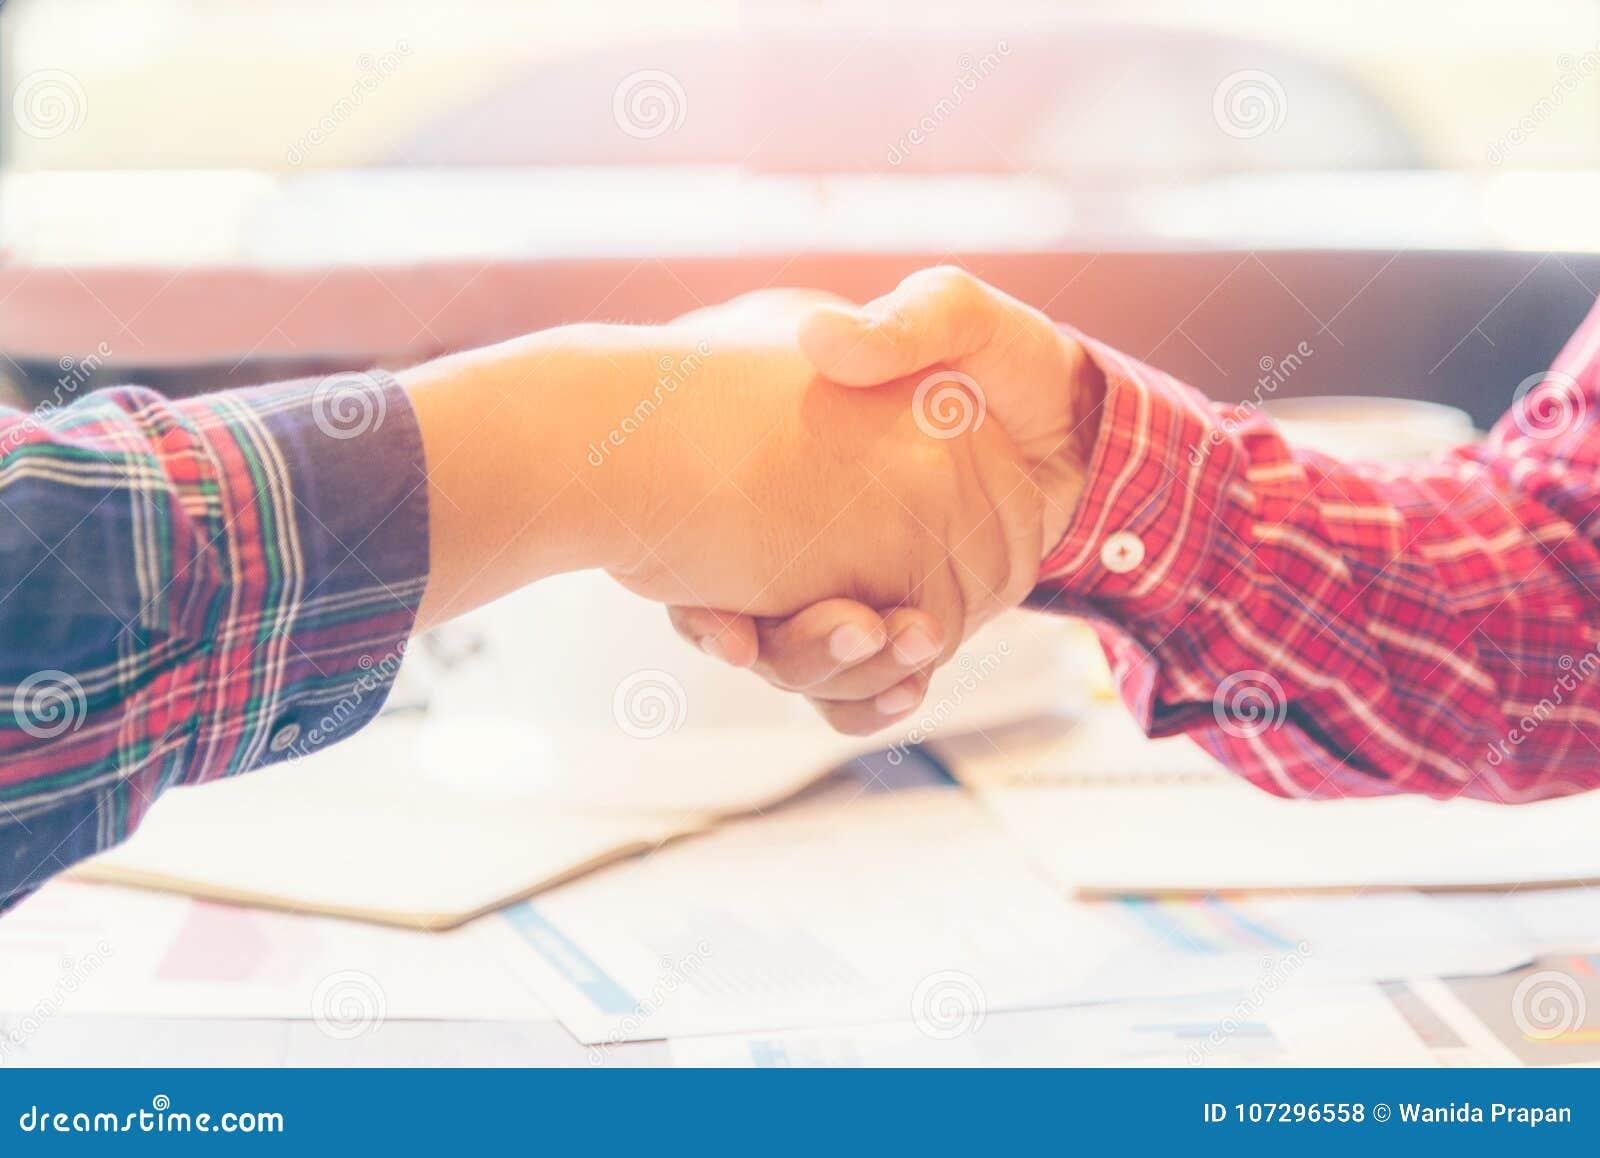 Inżynier drużyny pracy uścisk dłoni przy spotkaniem i dyskutuje pracę w miejscu Partnerów i biznesu drużynowego spotkania akcyden